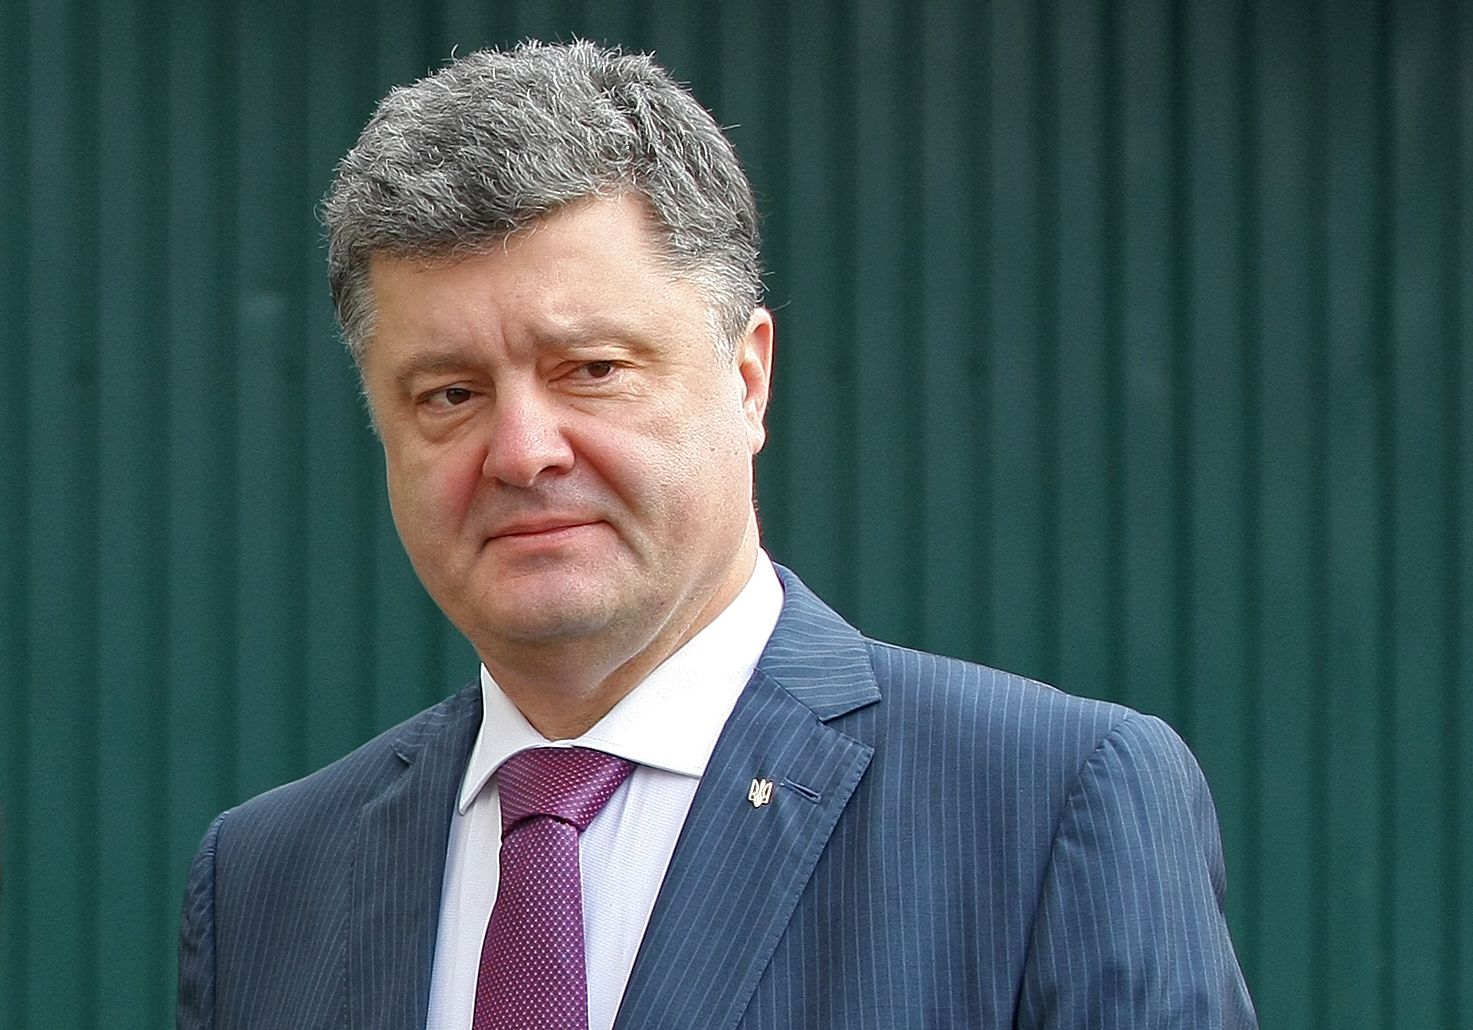 СМИ: Регионы Украины потребовали импичмента Порошенко